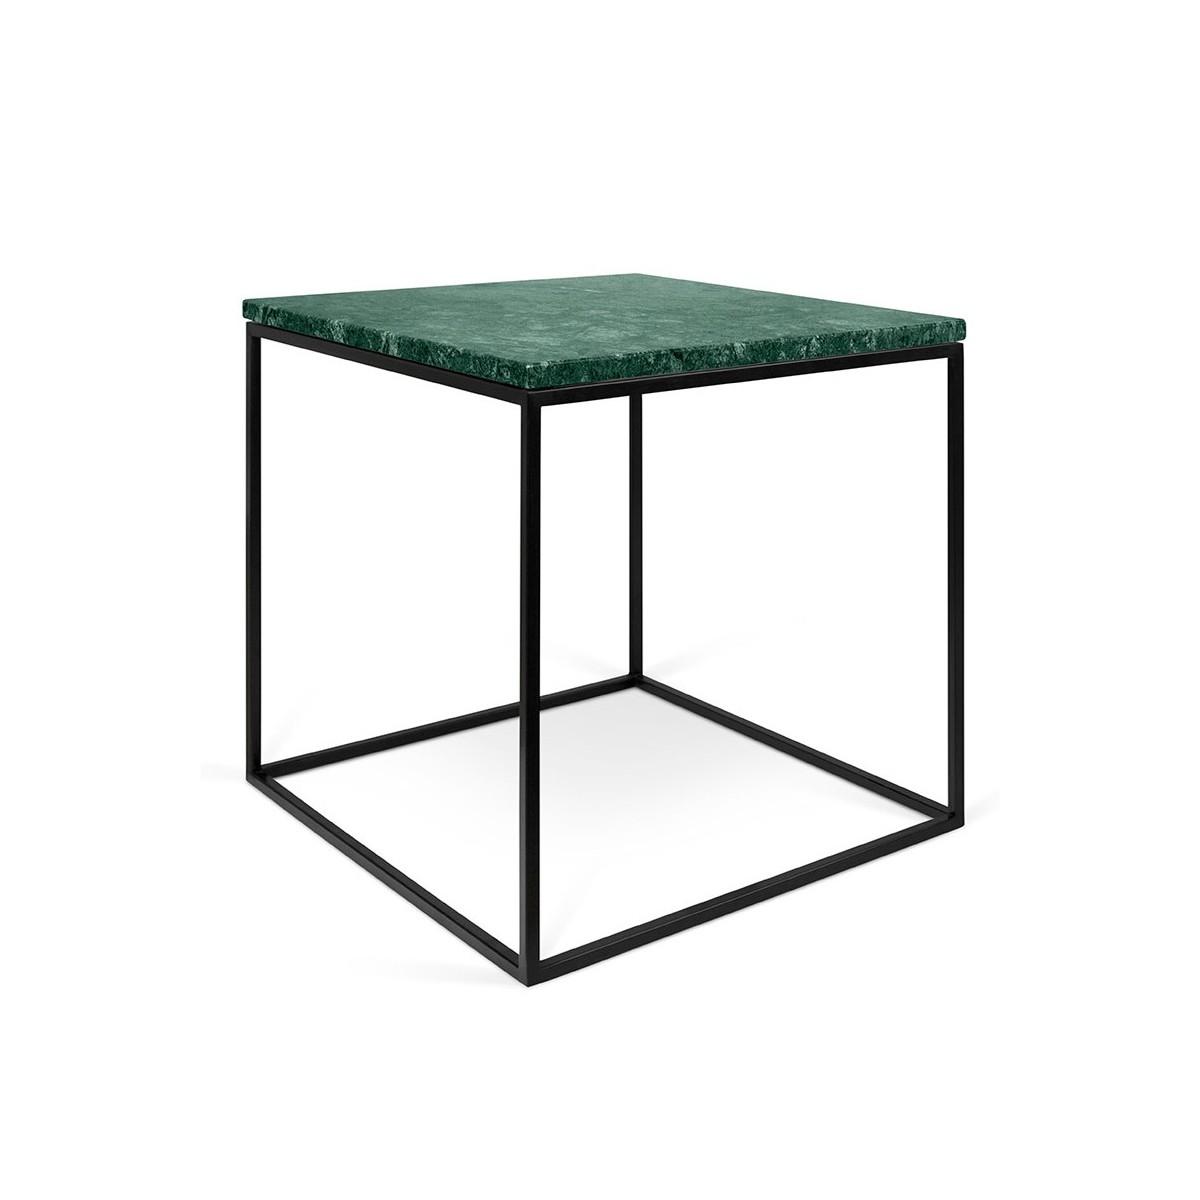 table ou chevet en marbre vert guatemala squizz. Black Bedroom Furniture Sets. Home Design Ideas